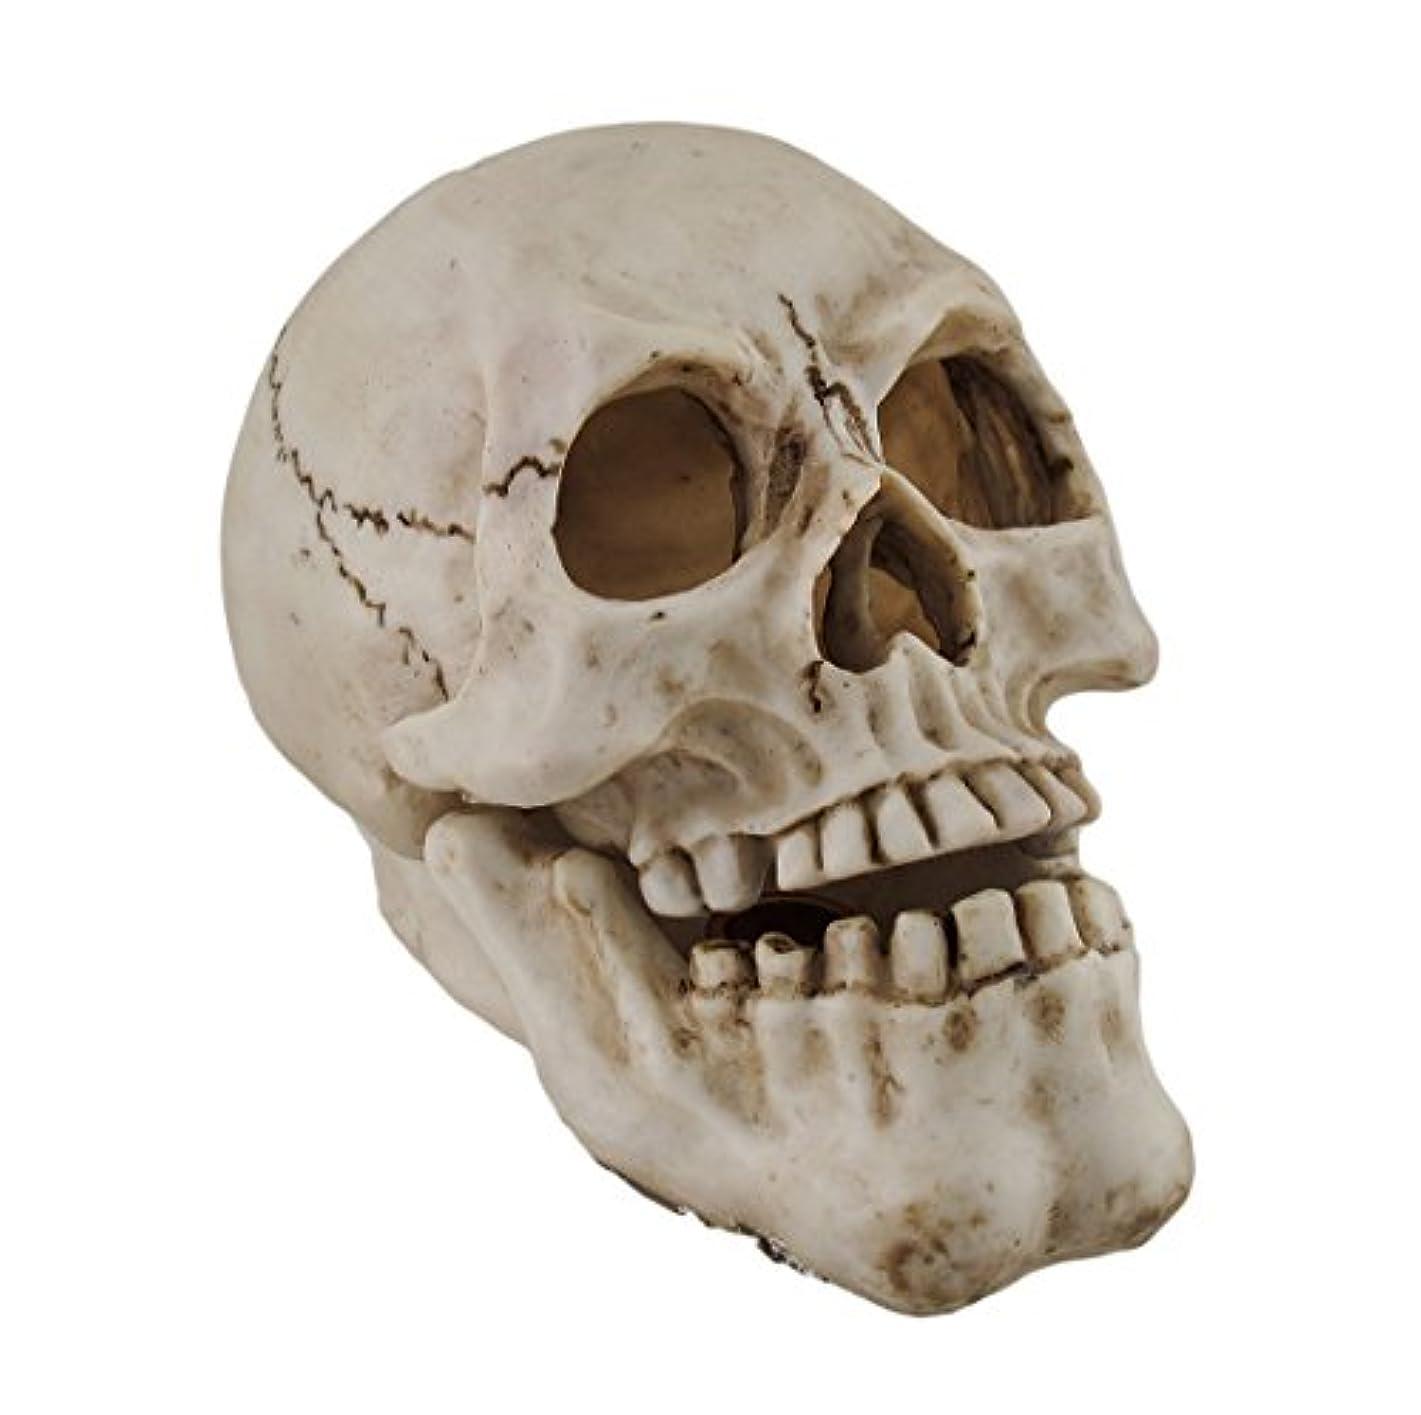 序文階段キモい樹脂IncenseホルダーHuman Skull Shaped Incense Burnerボックス7.75 X 5.75 X 4.5インチホワイトモデル# pwh-63